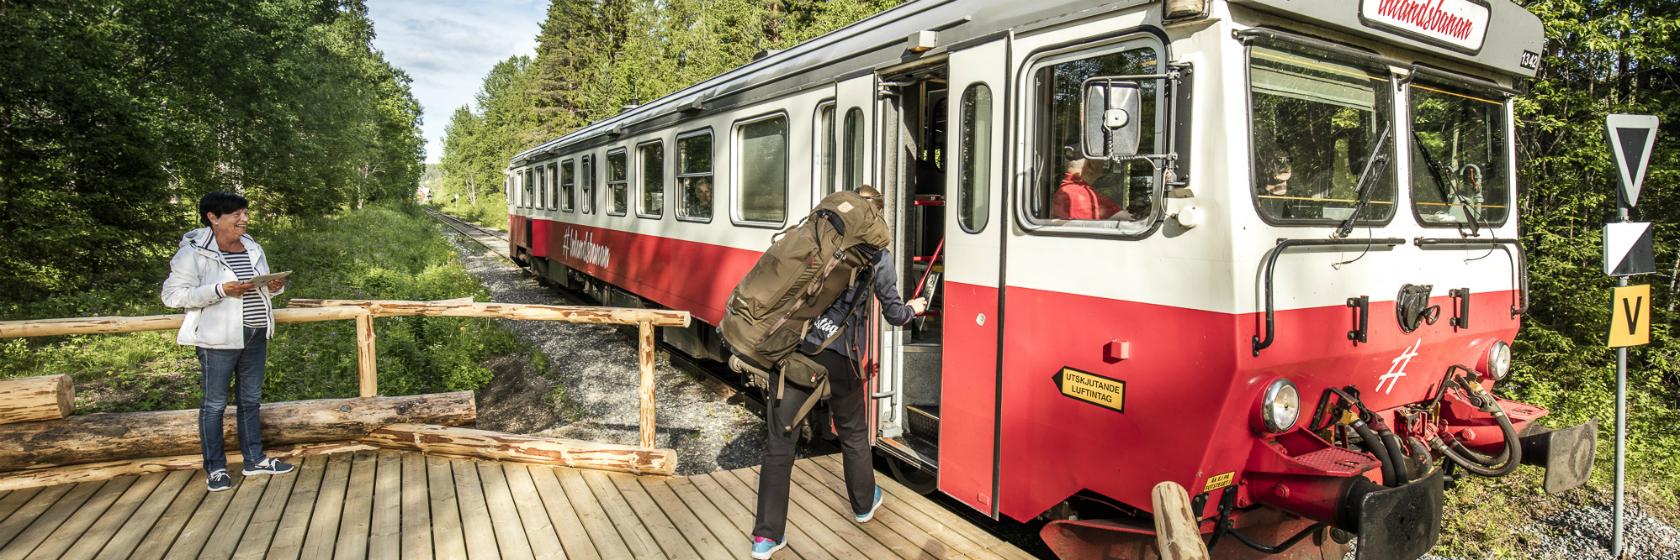 Resenär kliver på tåget vid Doro Camping